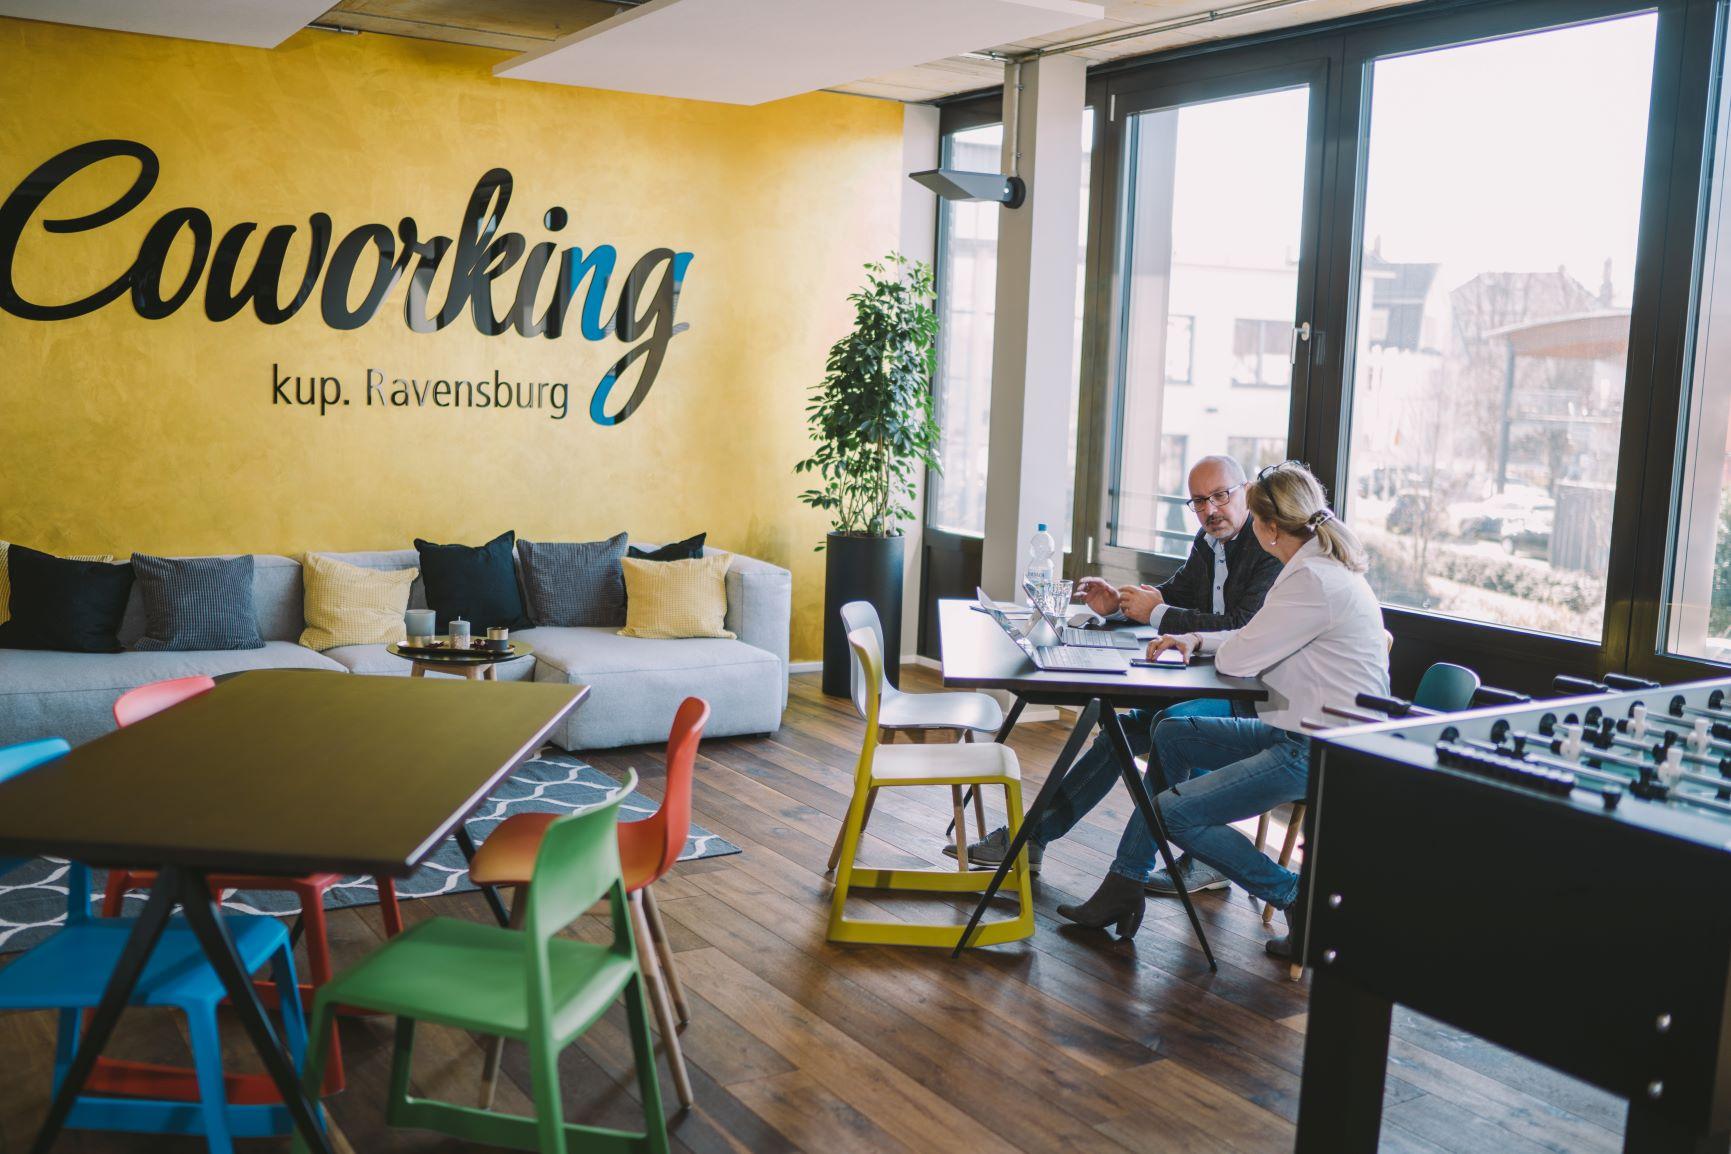 Die Räumlichkeiten des Coworking kup. Ravensburg.